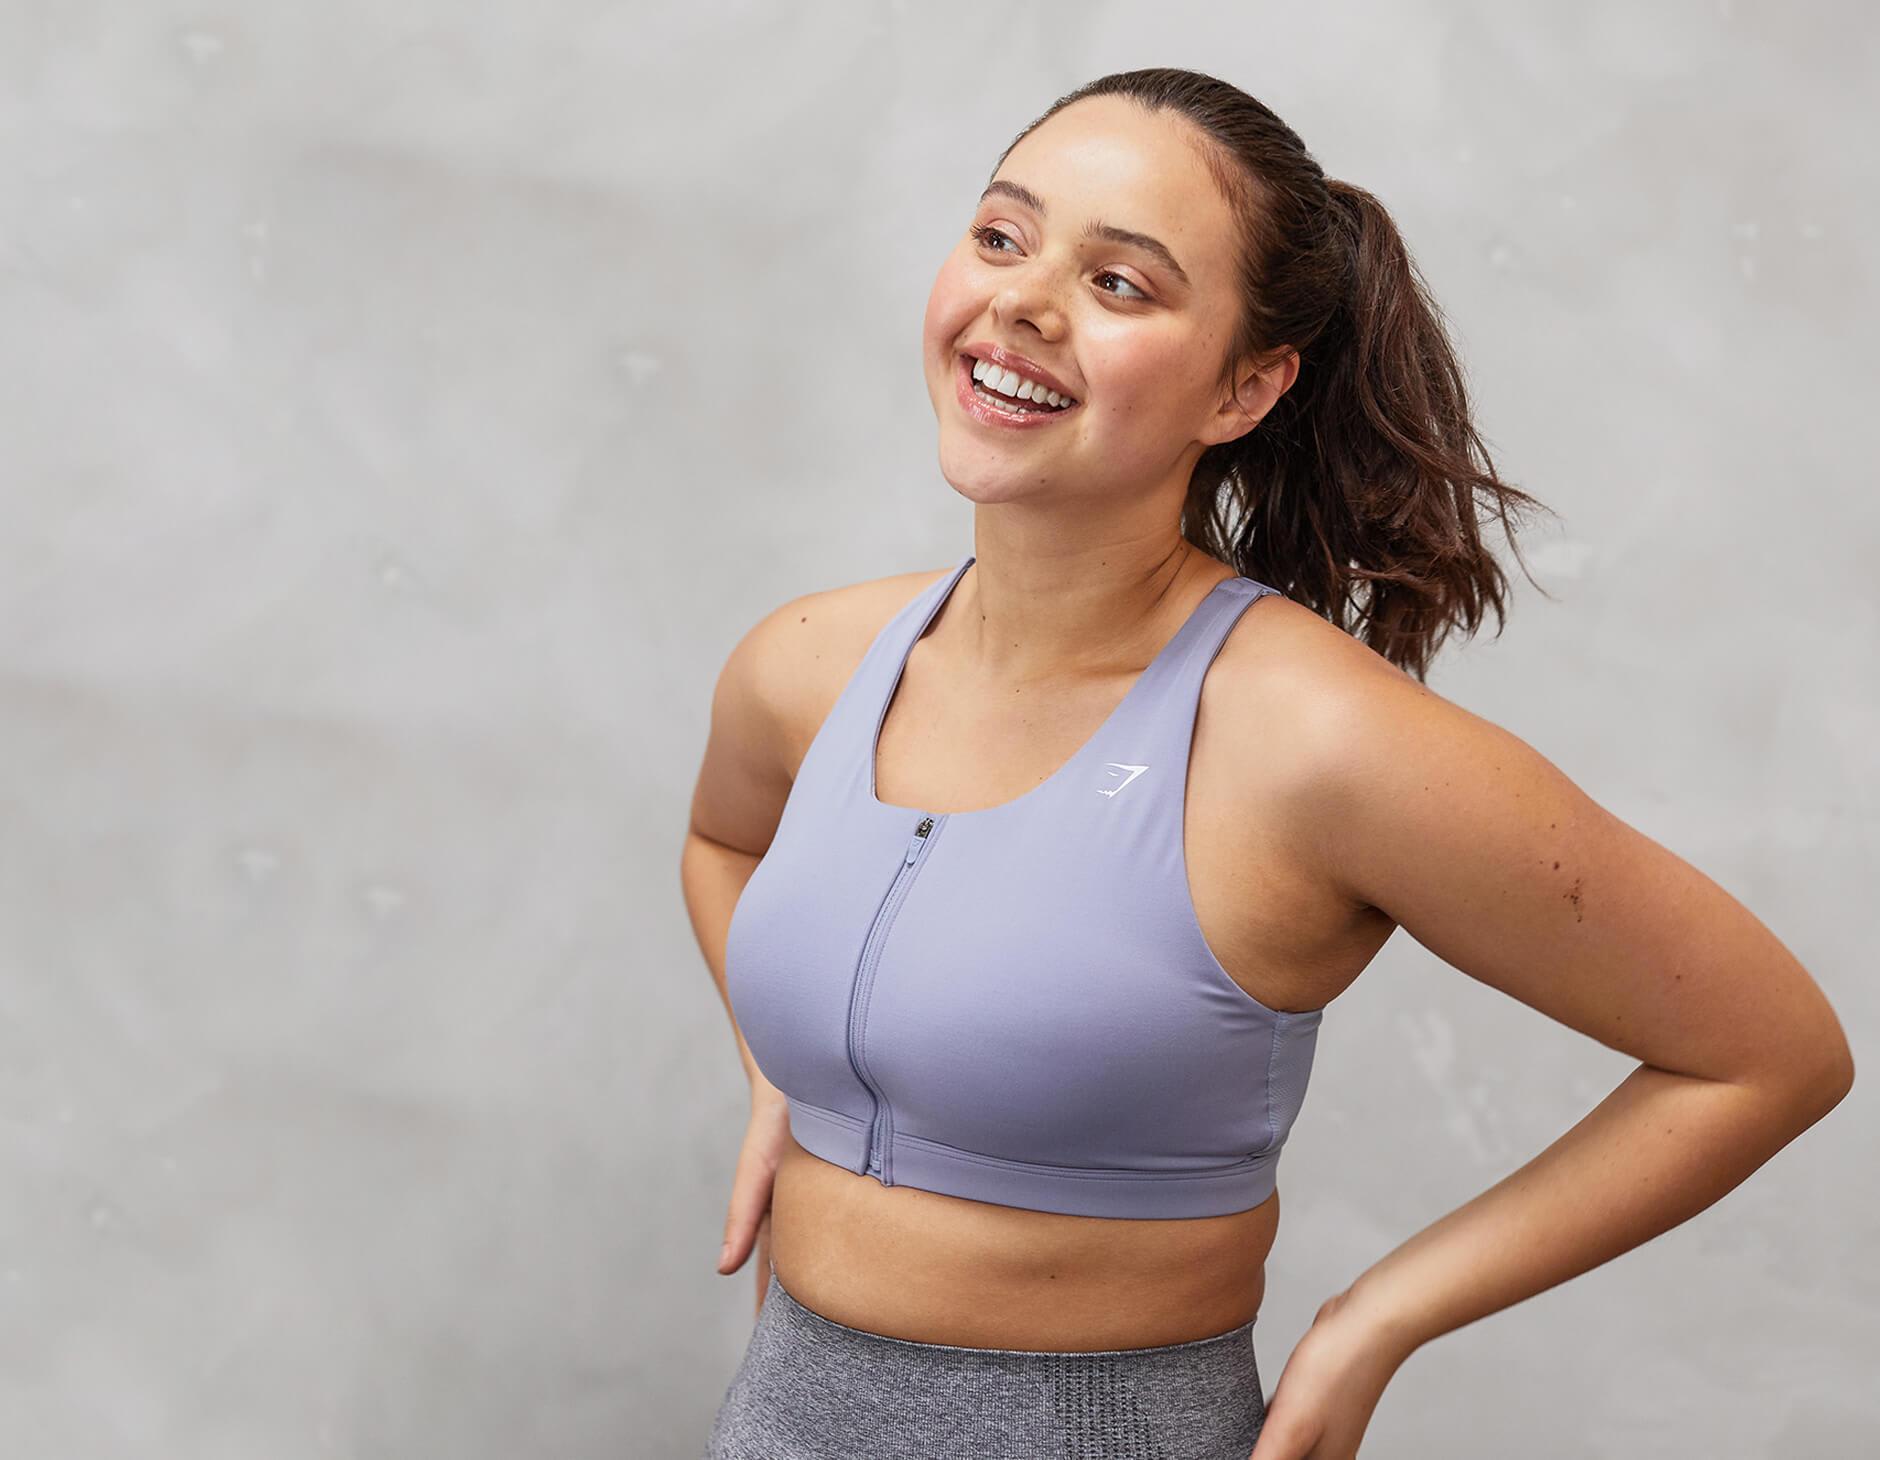 Ein Model trägt einen lila Gymshark Sport-BH und posiert sehr glücklich for einer grauen Betonwand.